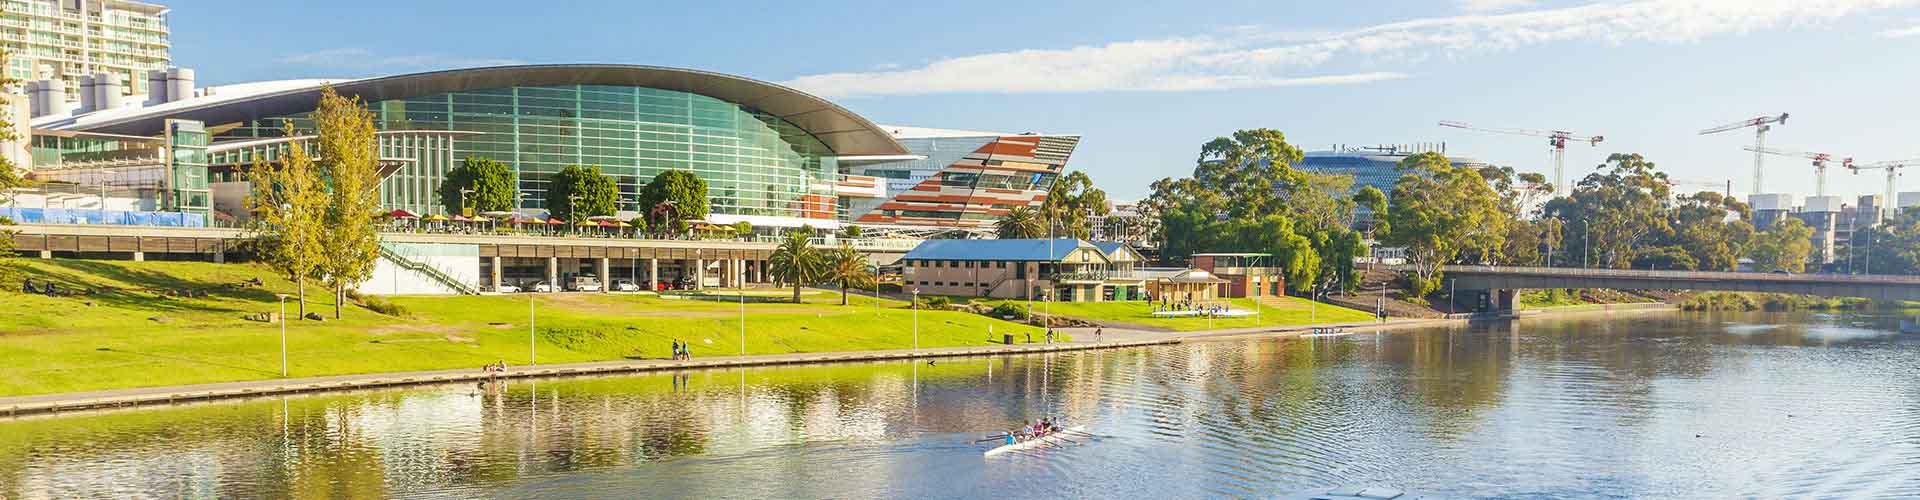 阿德莱德 – Adelaide City Centre区的青年旅馆。阿德莱德 地图,阿德莱德 每间青年旅馆的照片和评分。